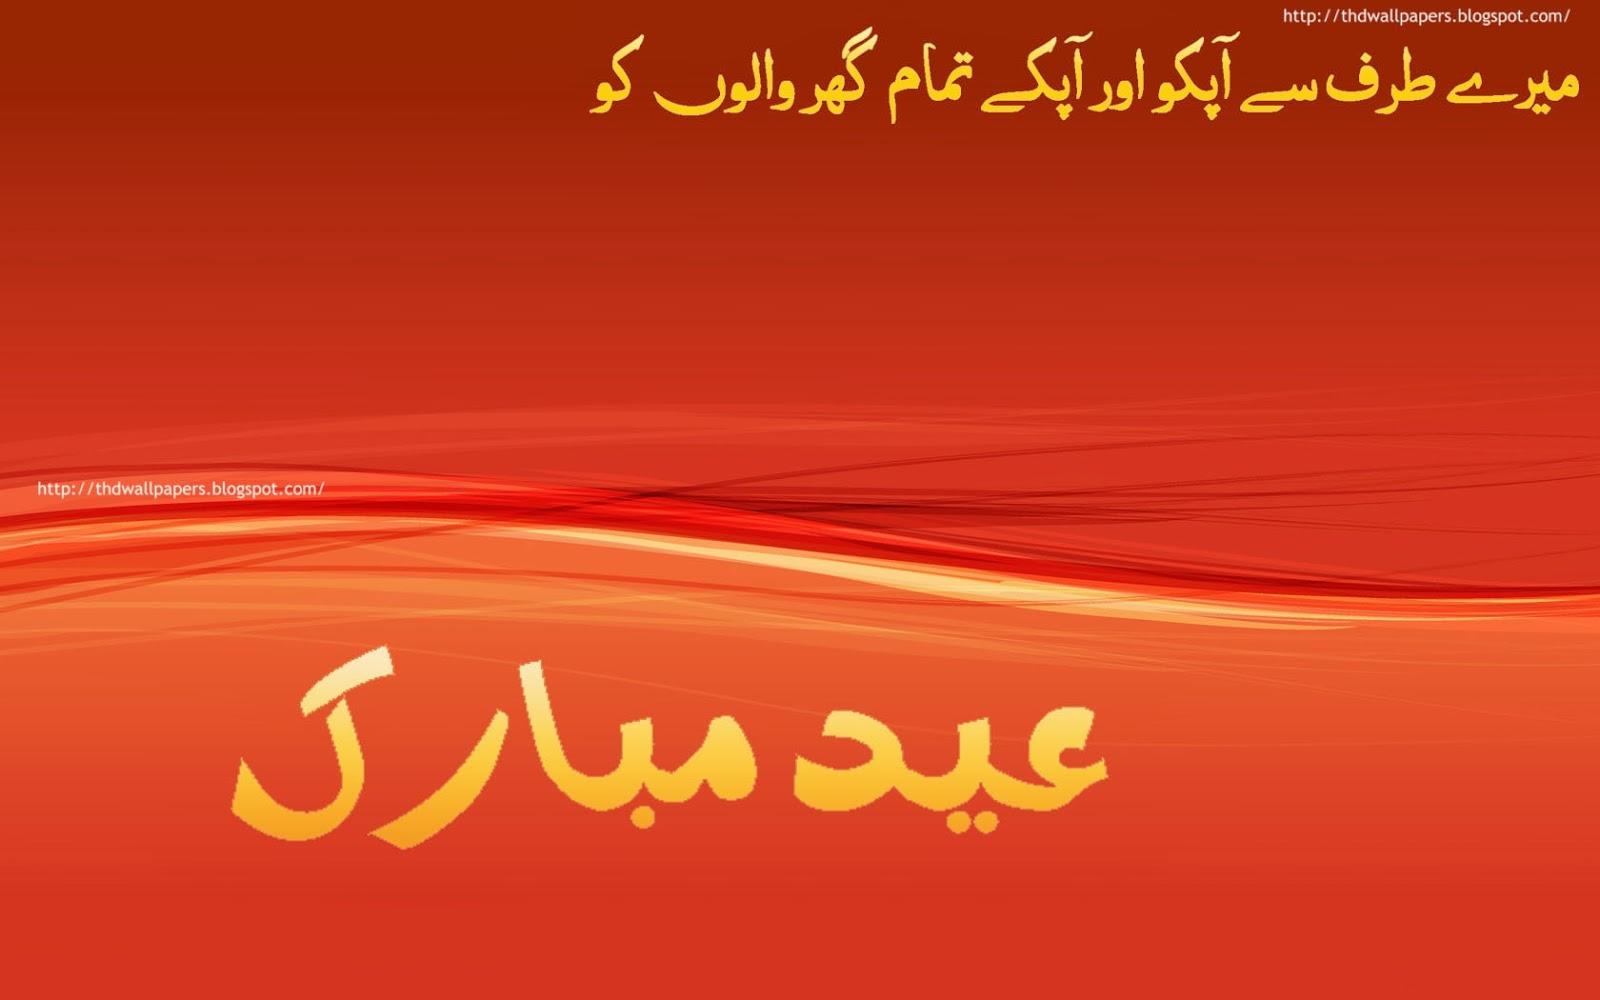 Stylish Eid al Adha Mubarak Greeting Cards